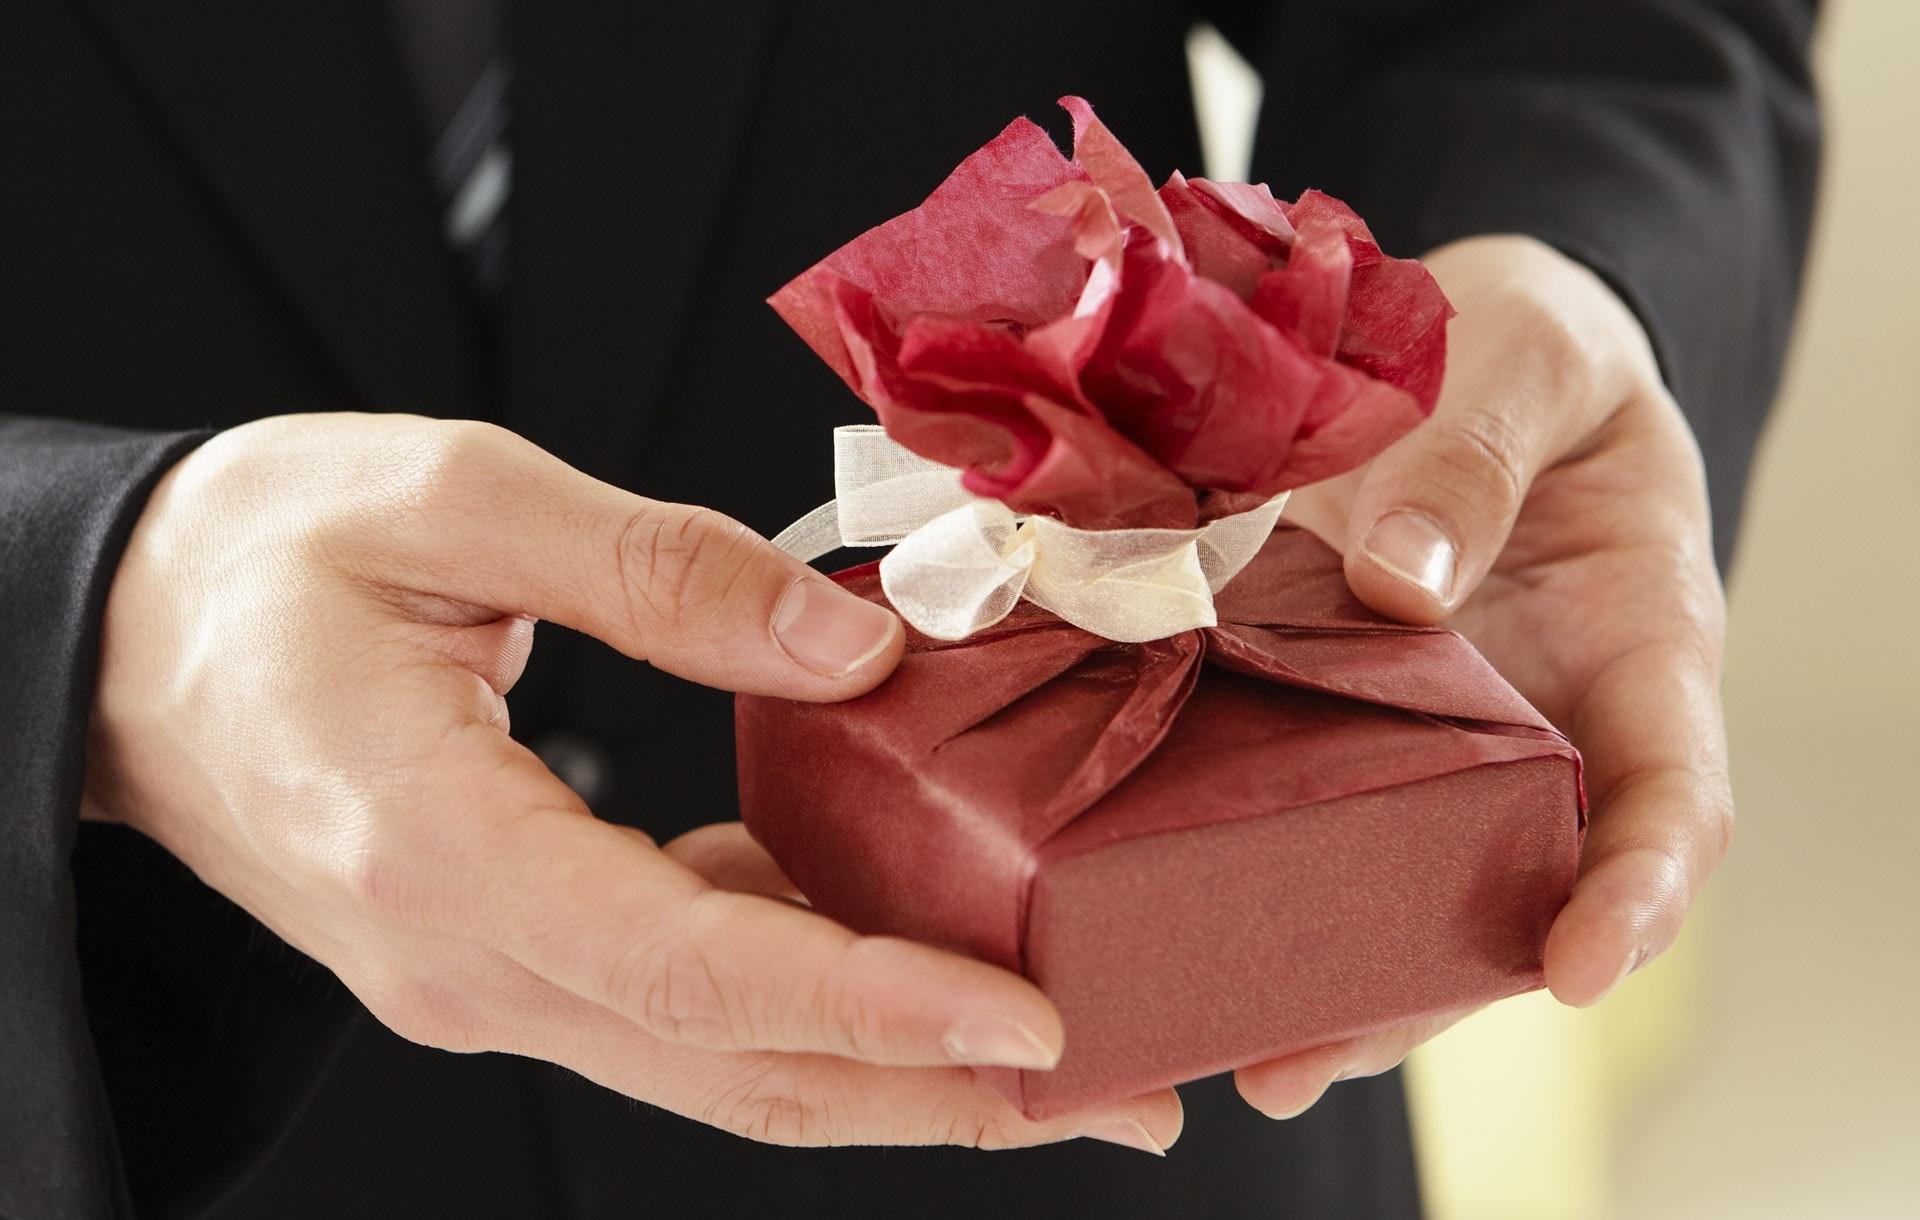 mały czerwony pakunek w męskich dłoniach